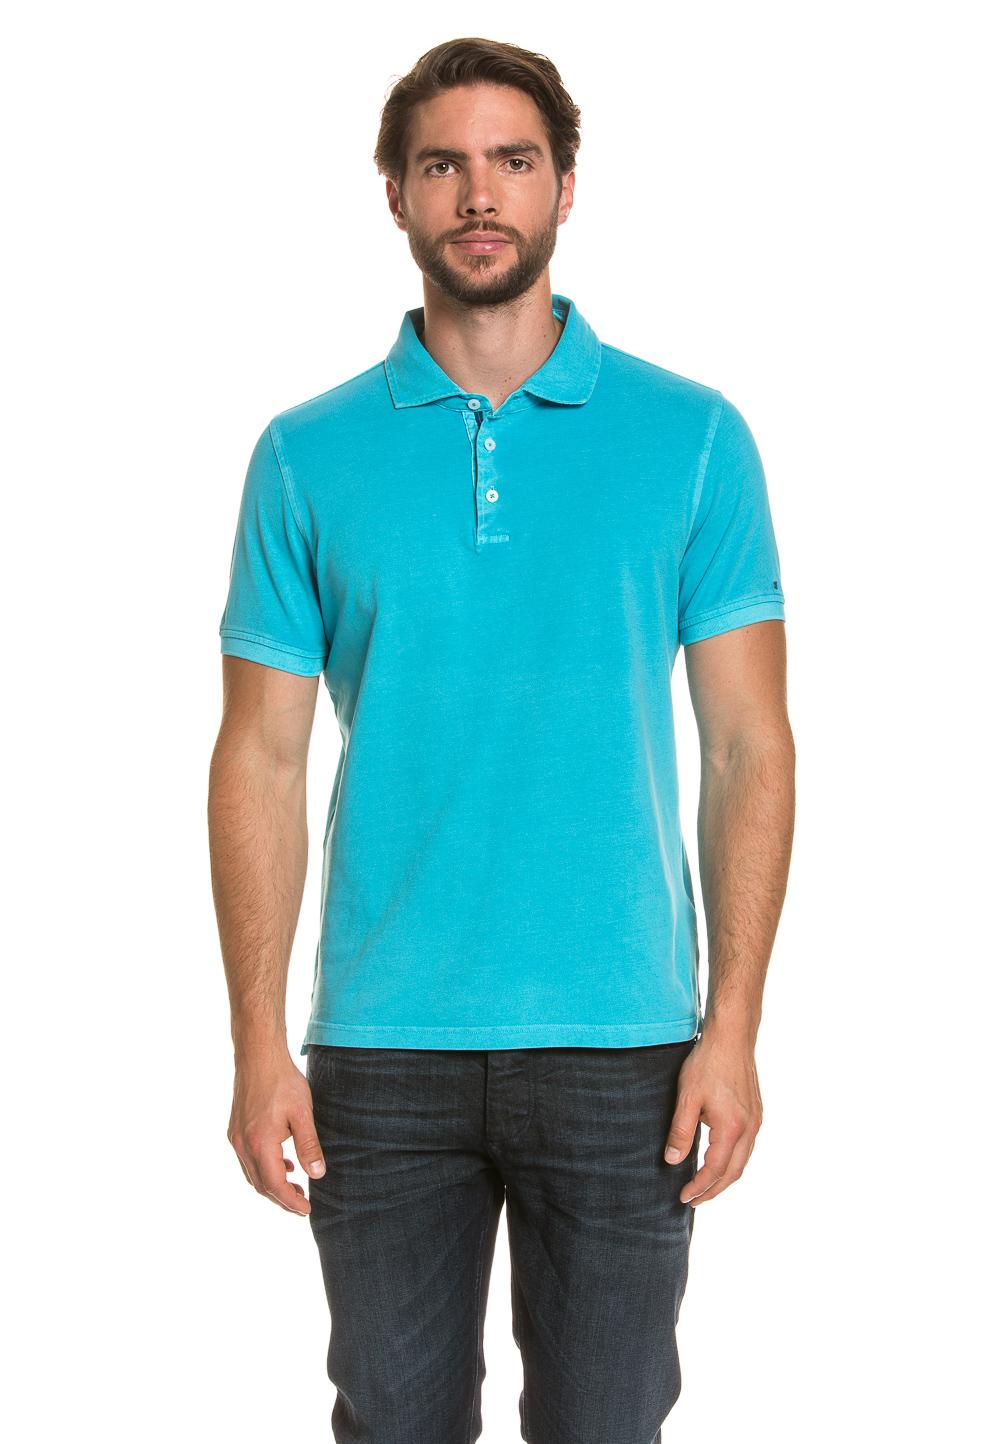 tommy hilfiger herren polo shirt hemd sommer wolle m ebay. Black Bedroom Furniture Sets. Home Design Ideas